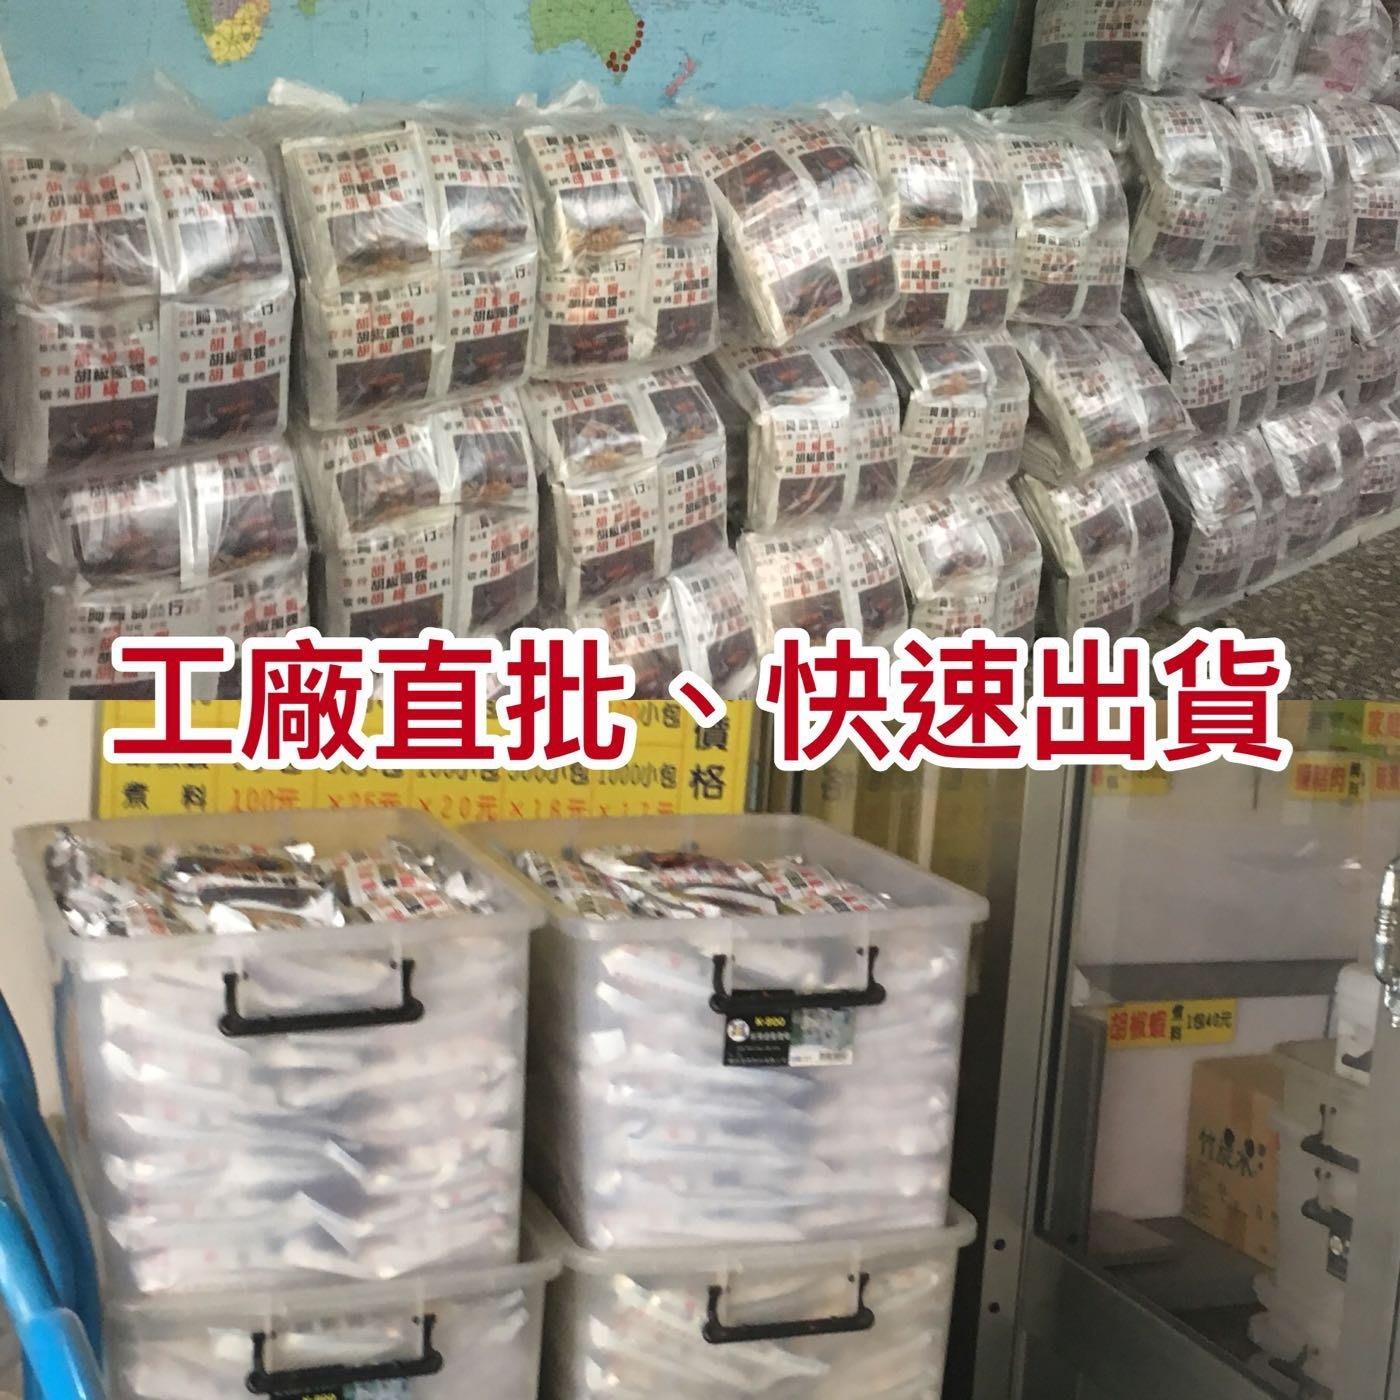 【12小時出貨】阿順師胡椒粉-胡椒蝦、胡椒魚專用料理包